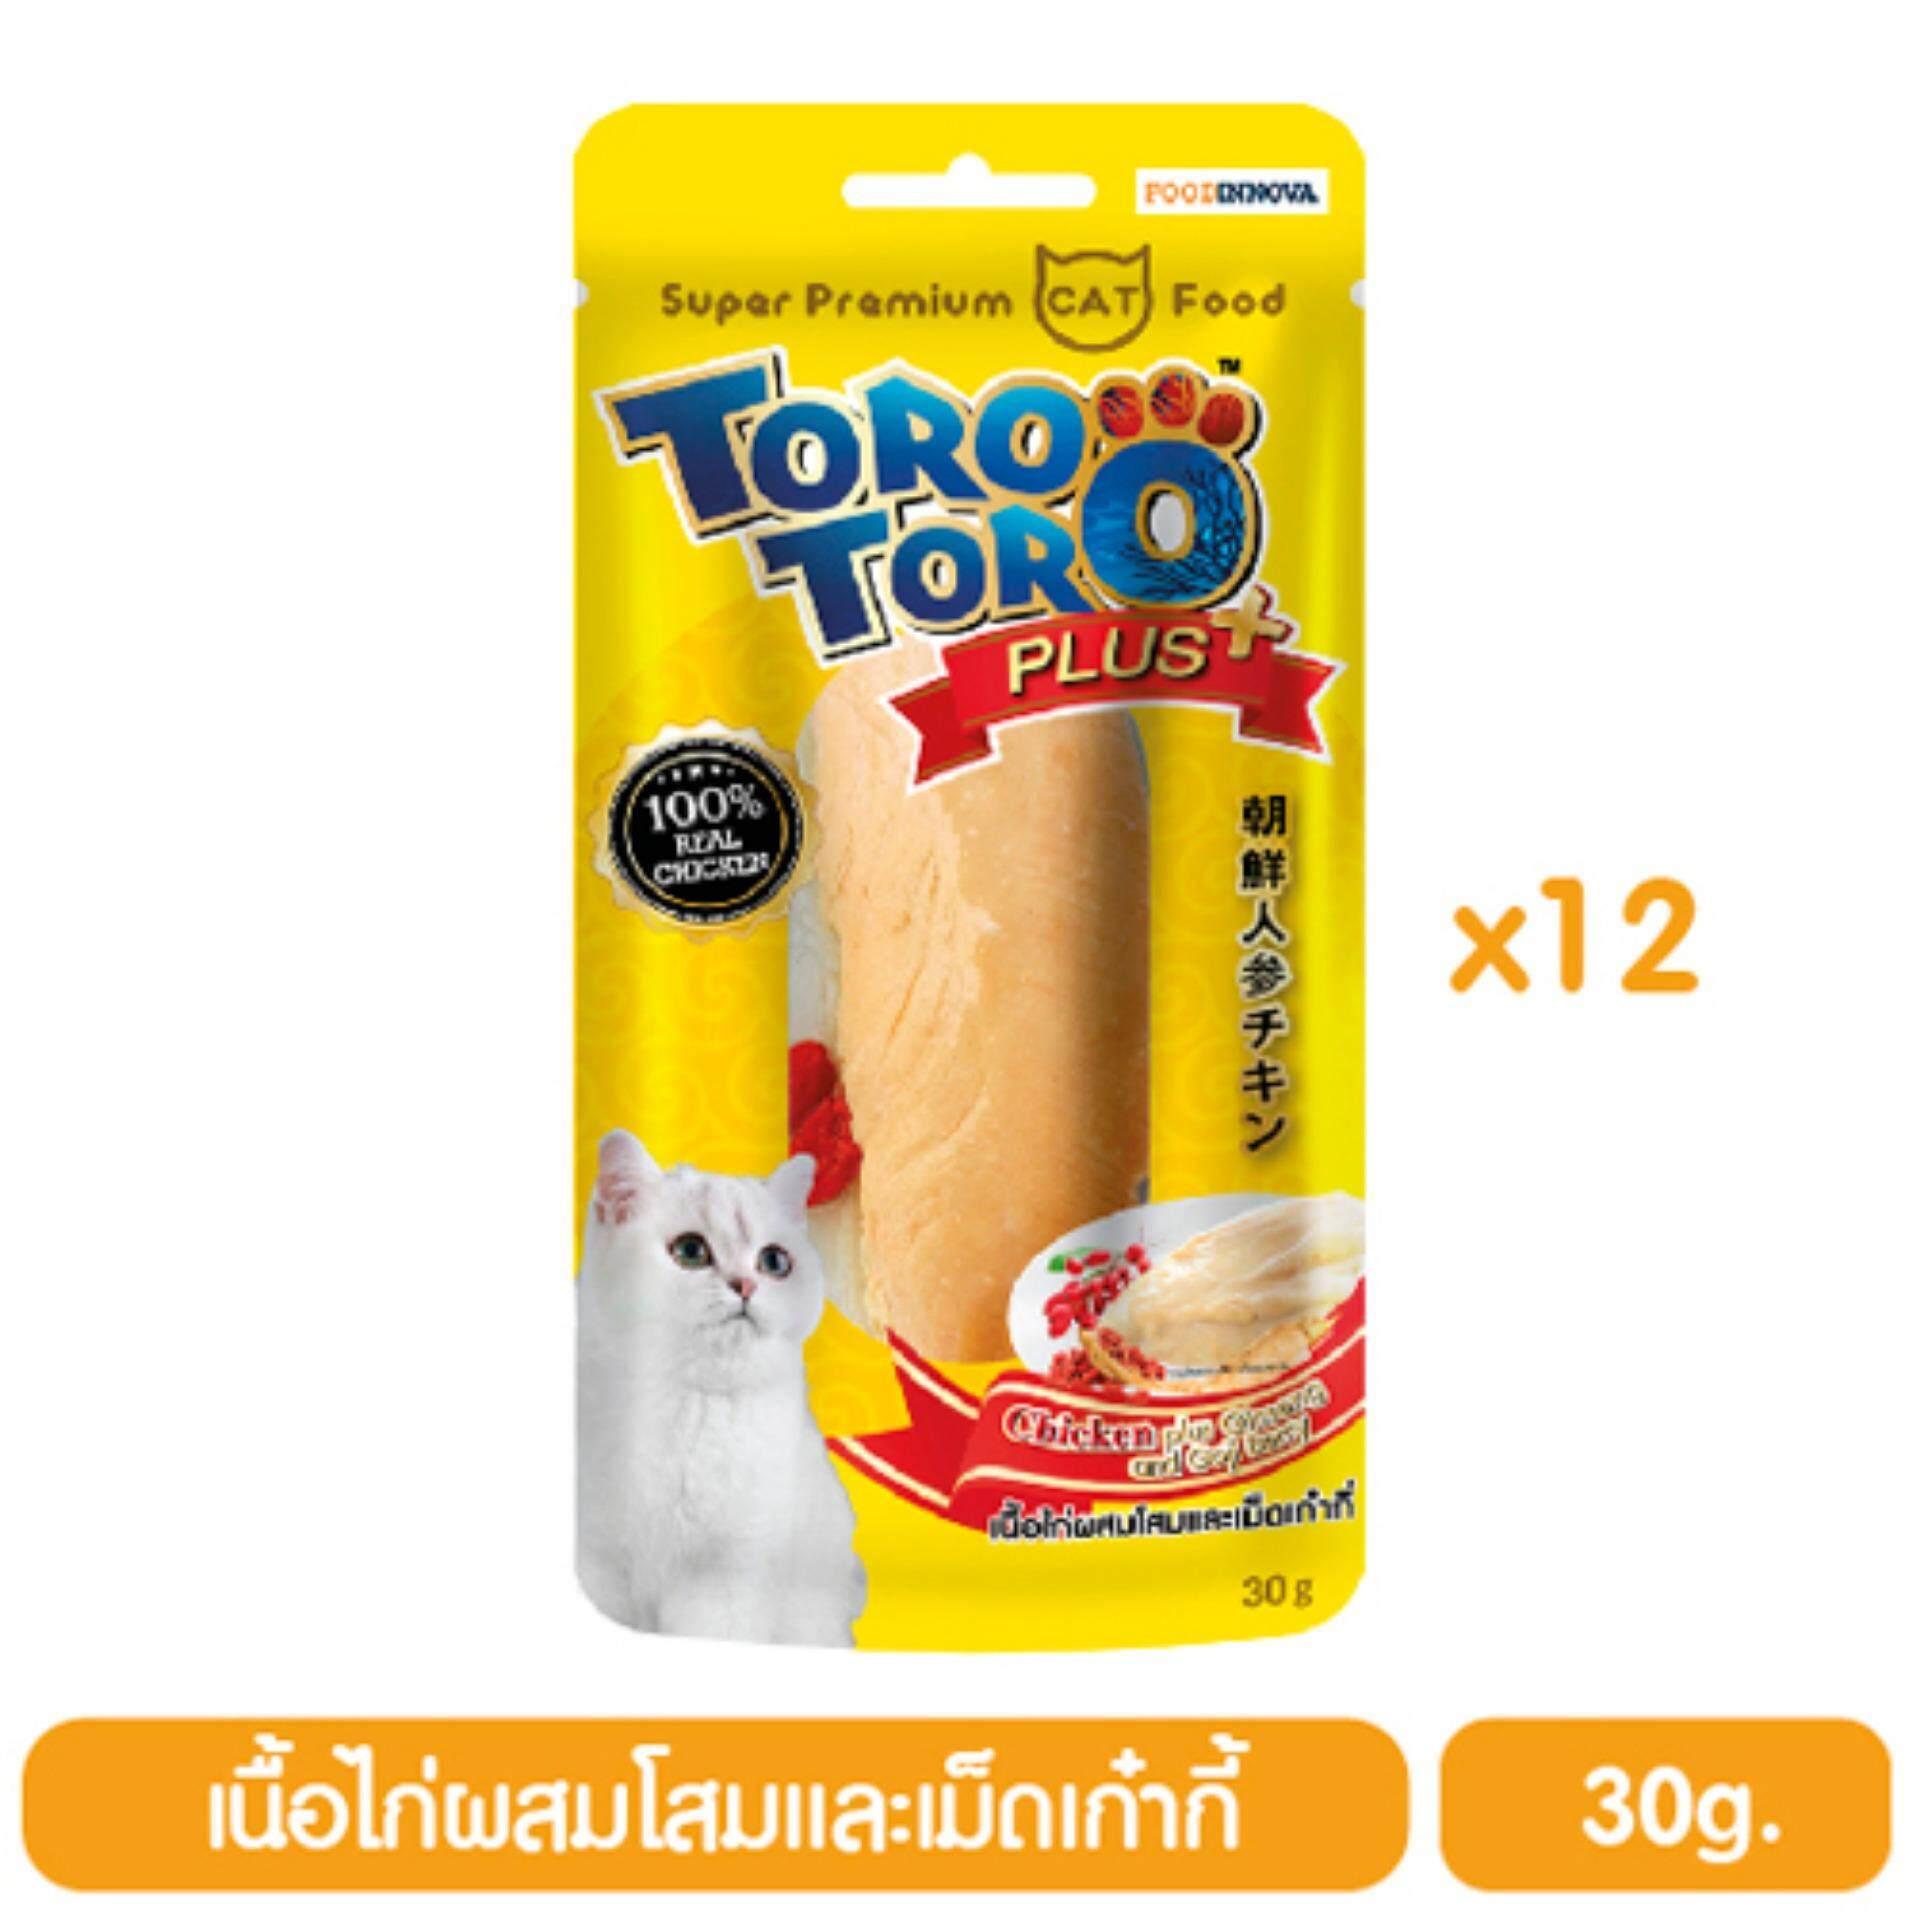 โปรโมชั่น Toro Toro โทโร โทโร่ ขนมแมว เนื้อไก่ผสมโสมและเม็ดเก๋ากี้ 30 G X 12 ซอง Toro Toro